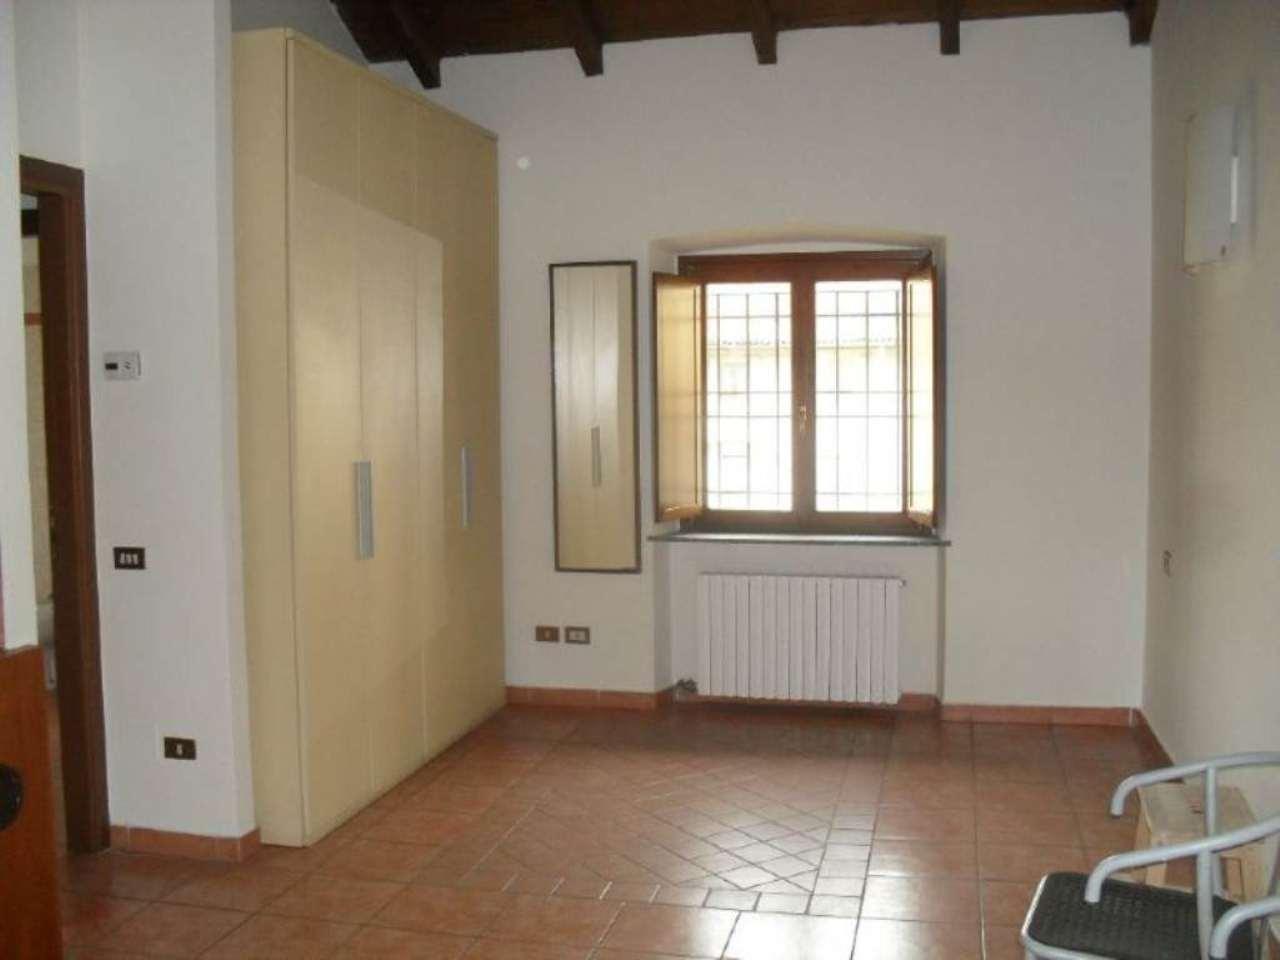 Appartamento in affitto a Muggiò, 2 locali, prezzo € 500 | Cambio Casa.it